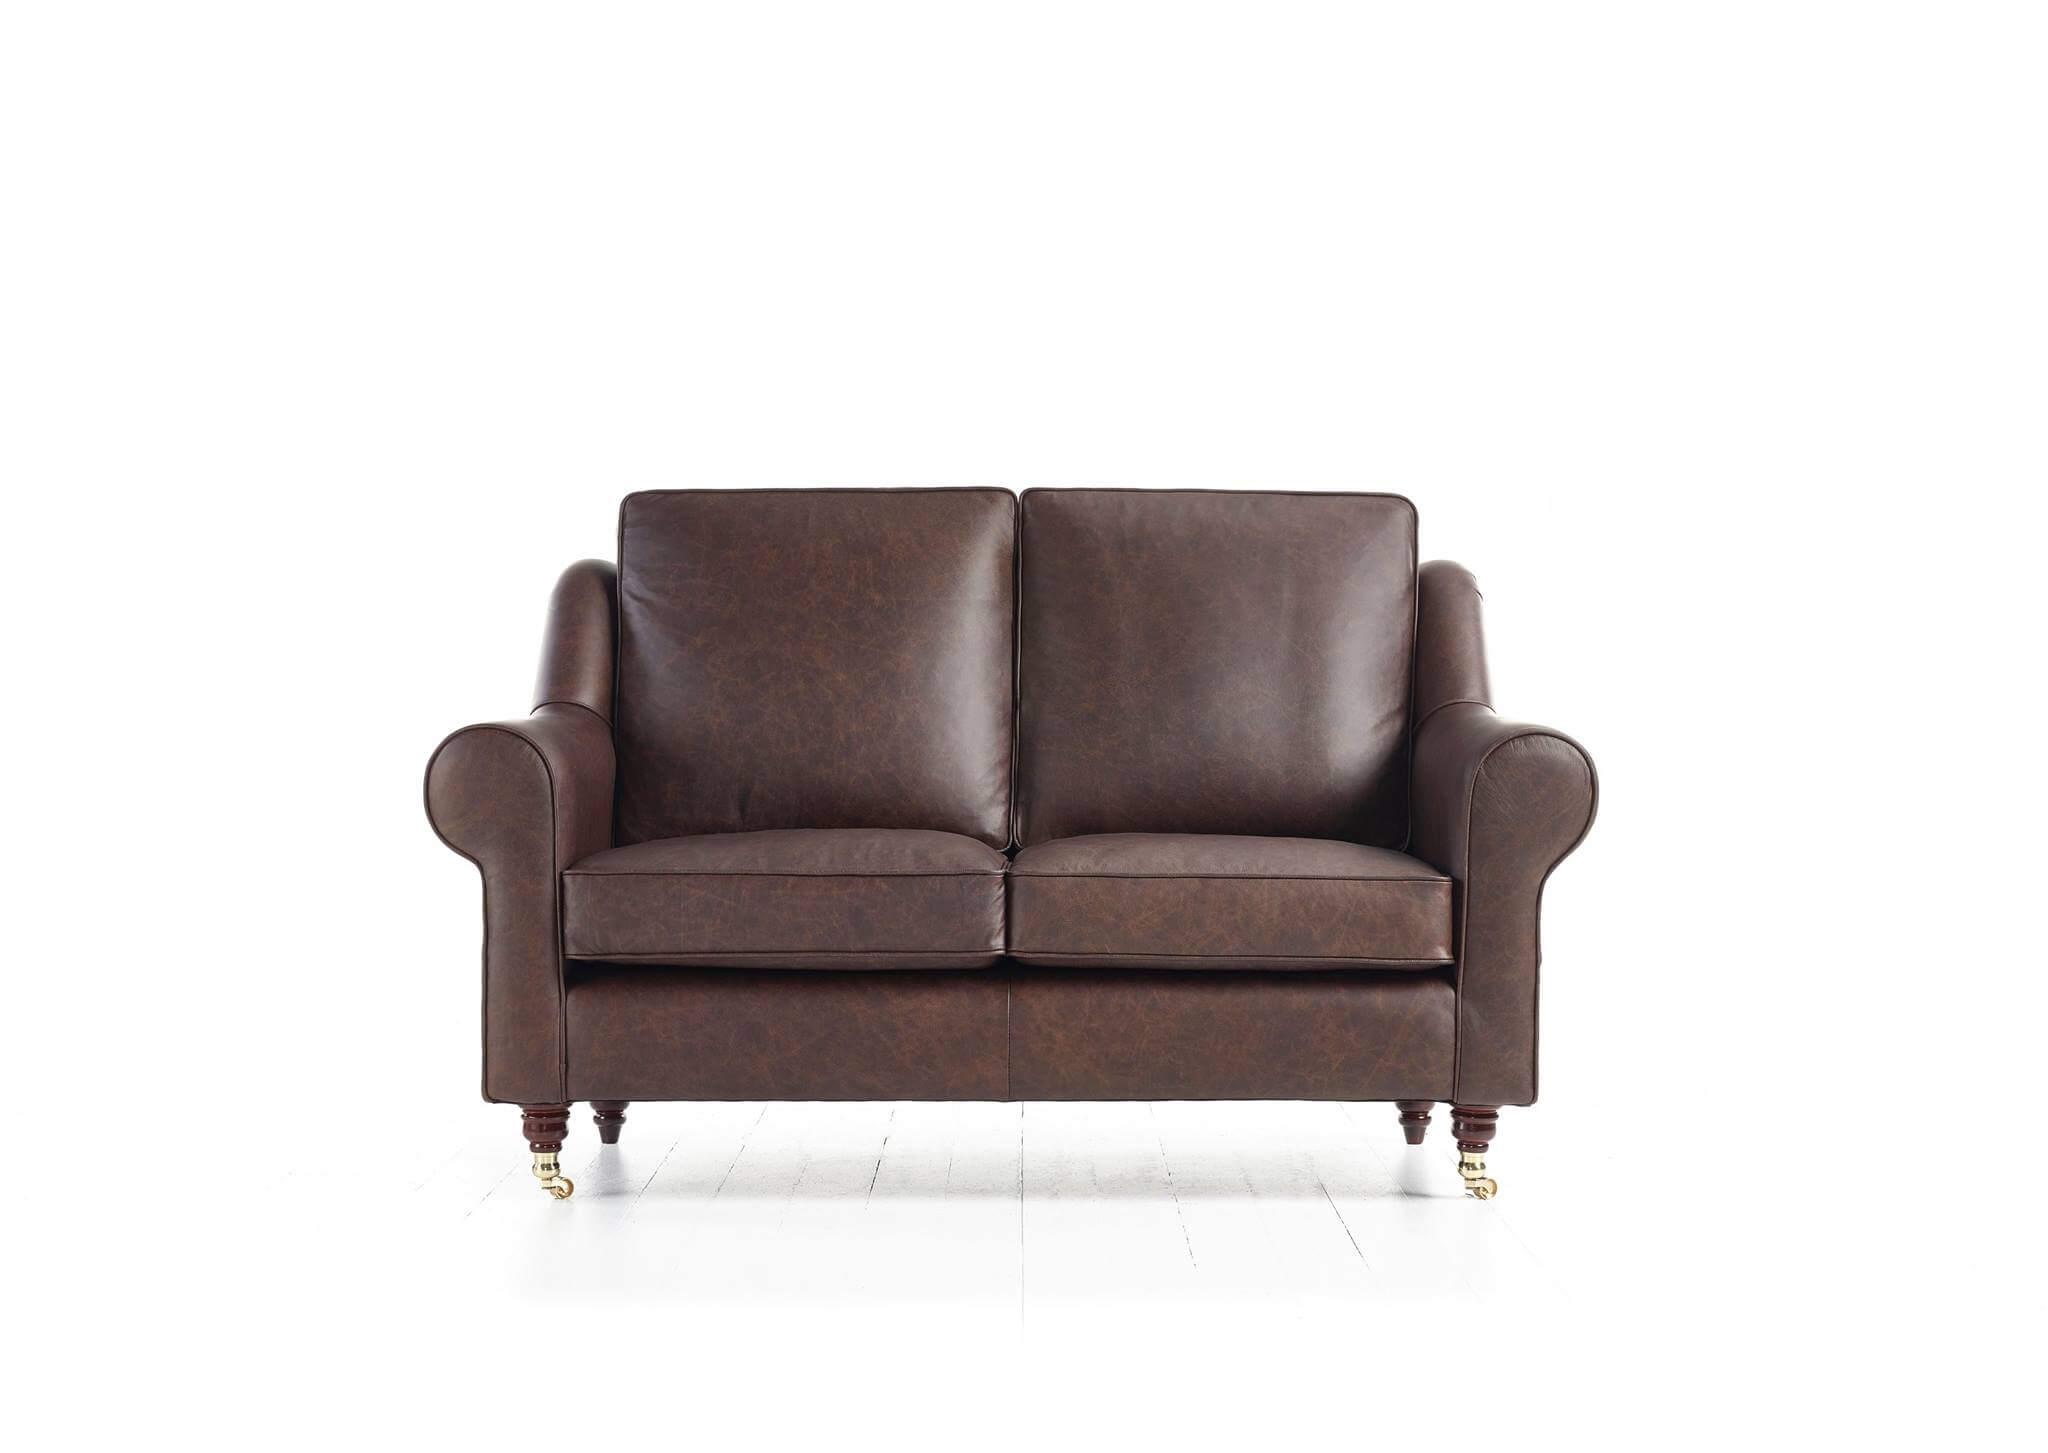 Canapé Clapham en cuir Marron